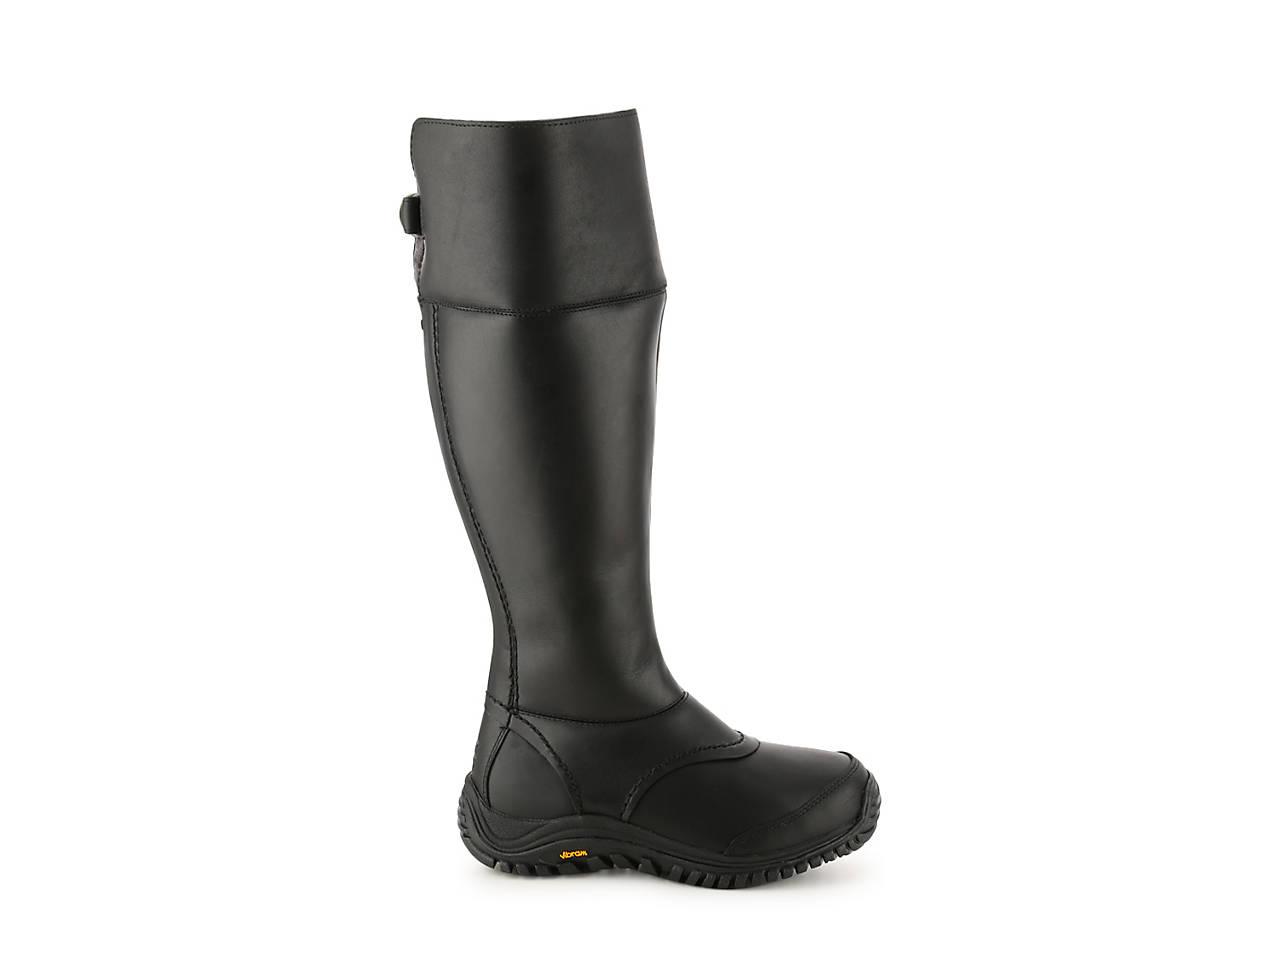 4fea0faa71e Miko Snow Boot